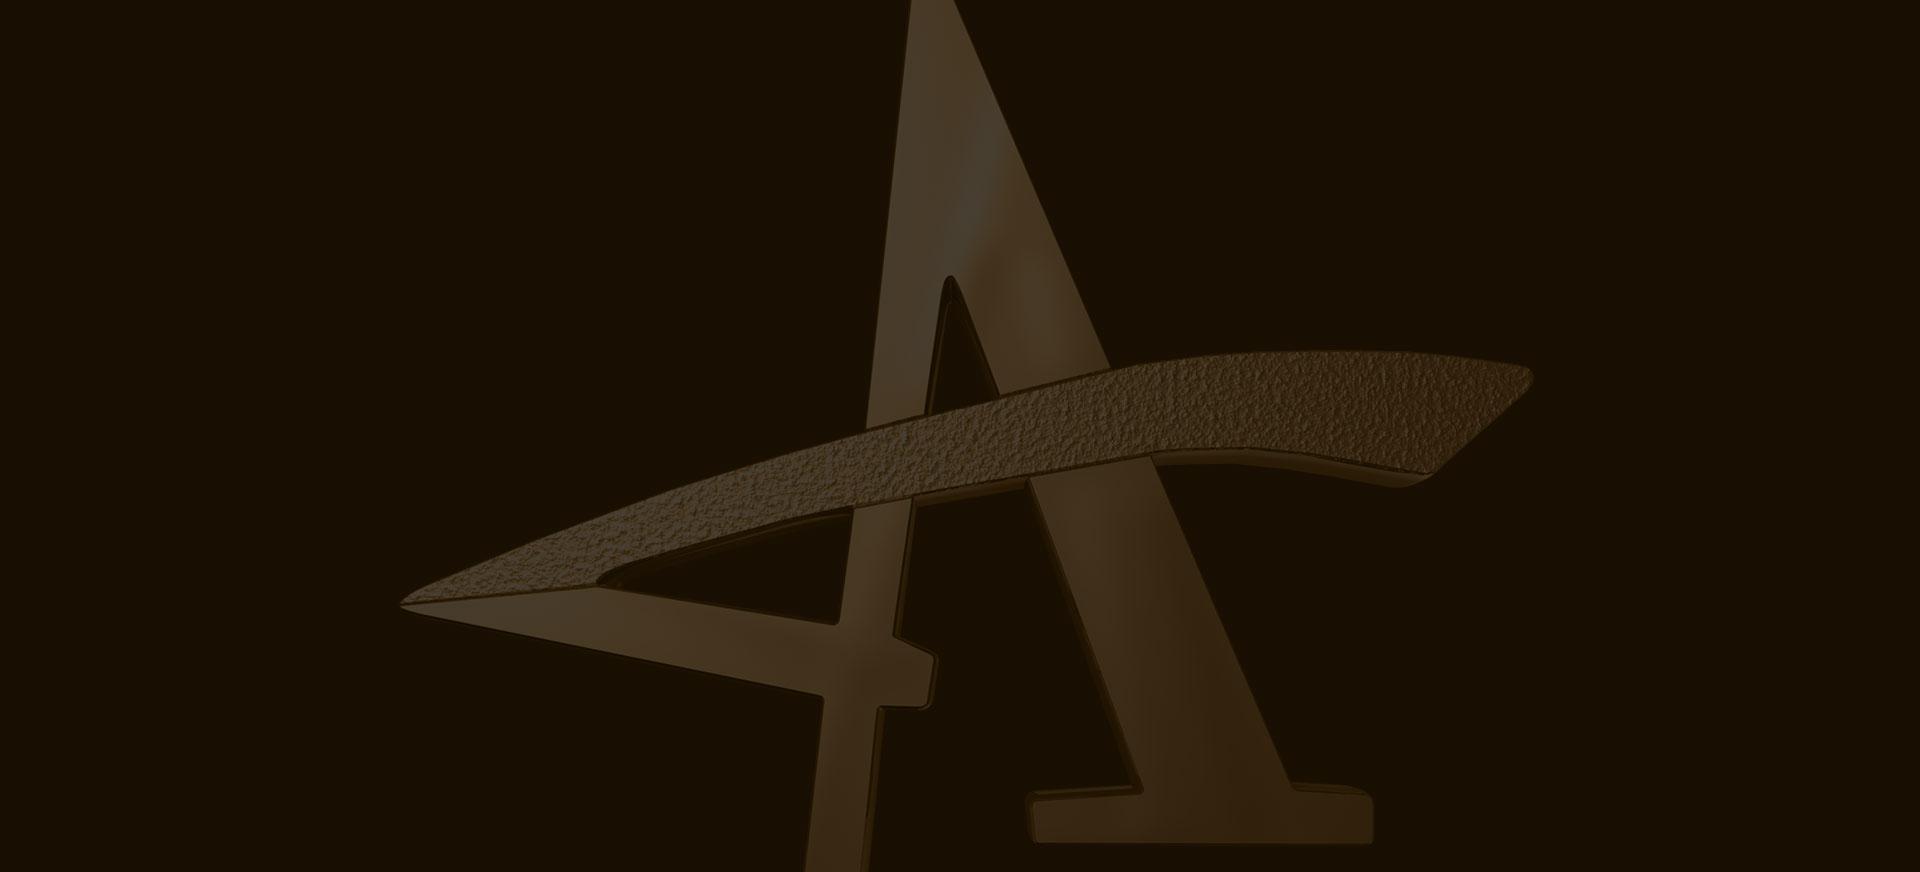 dark miami addys logo